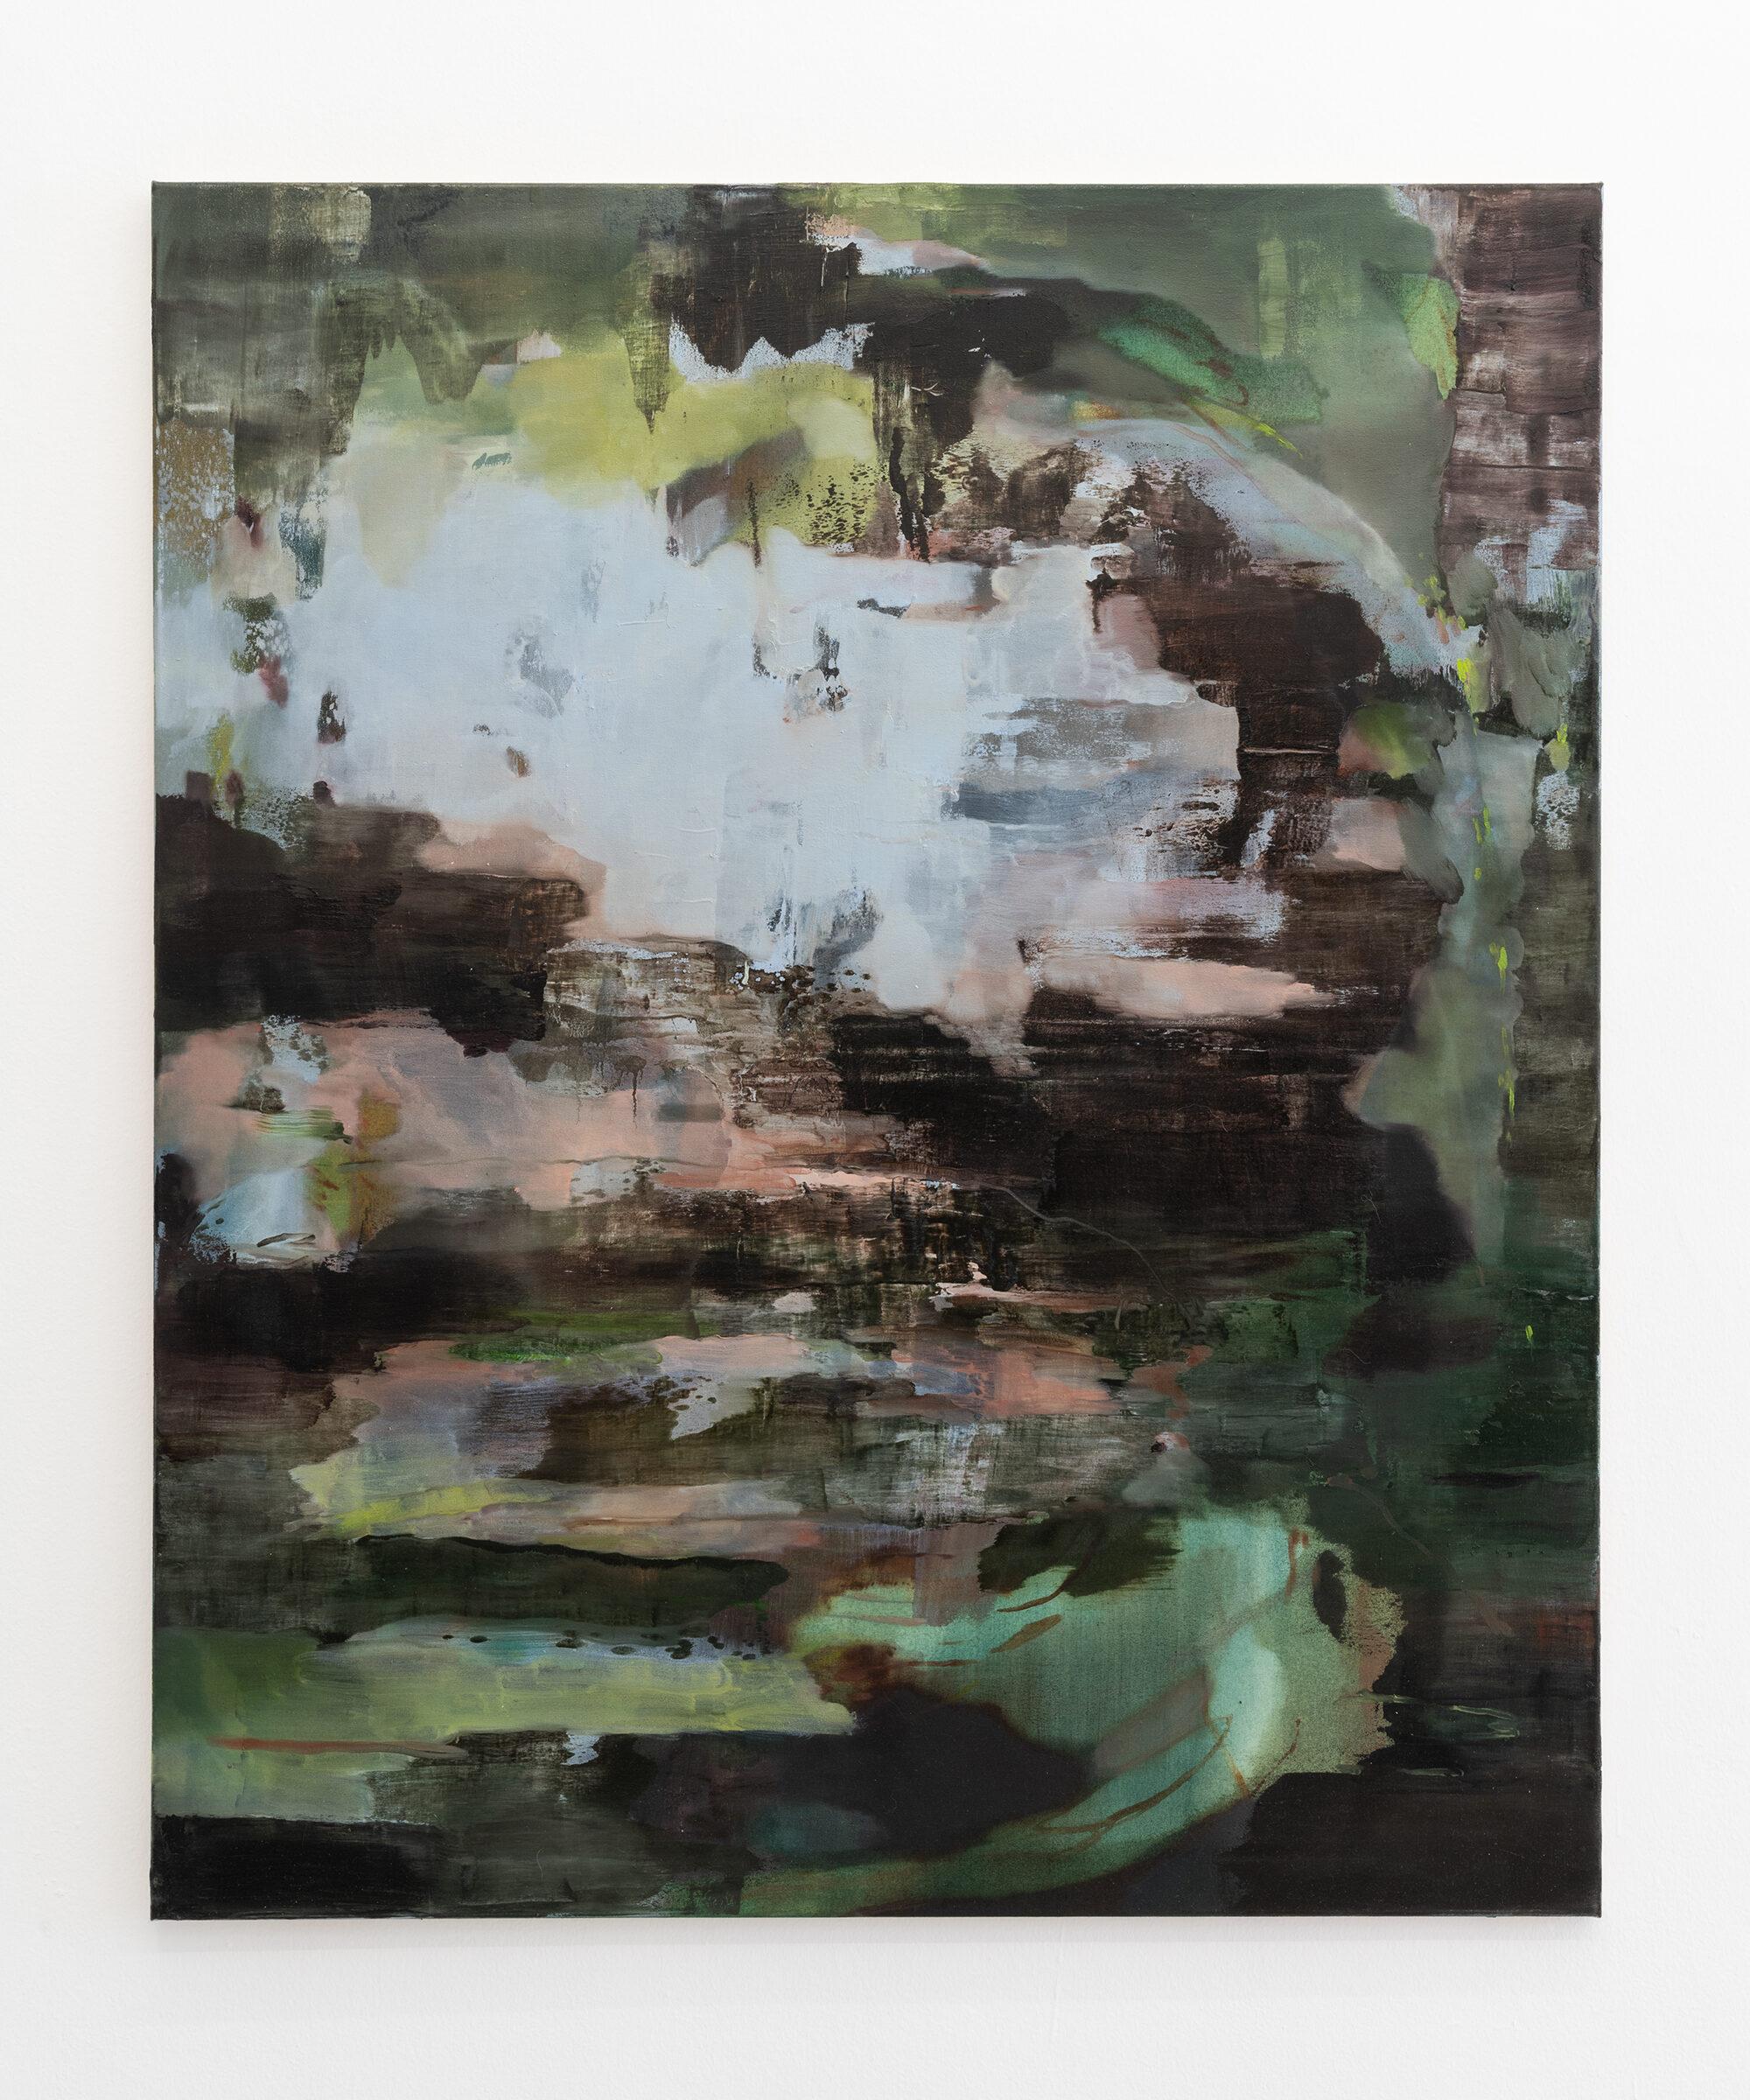 21. Nazzarena Poli Maramotti, mixed media on canvas,100x120 cm, 2017.